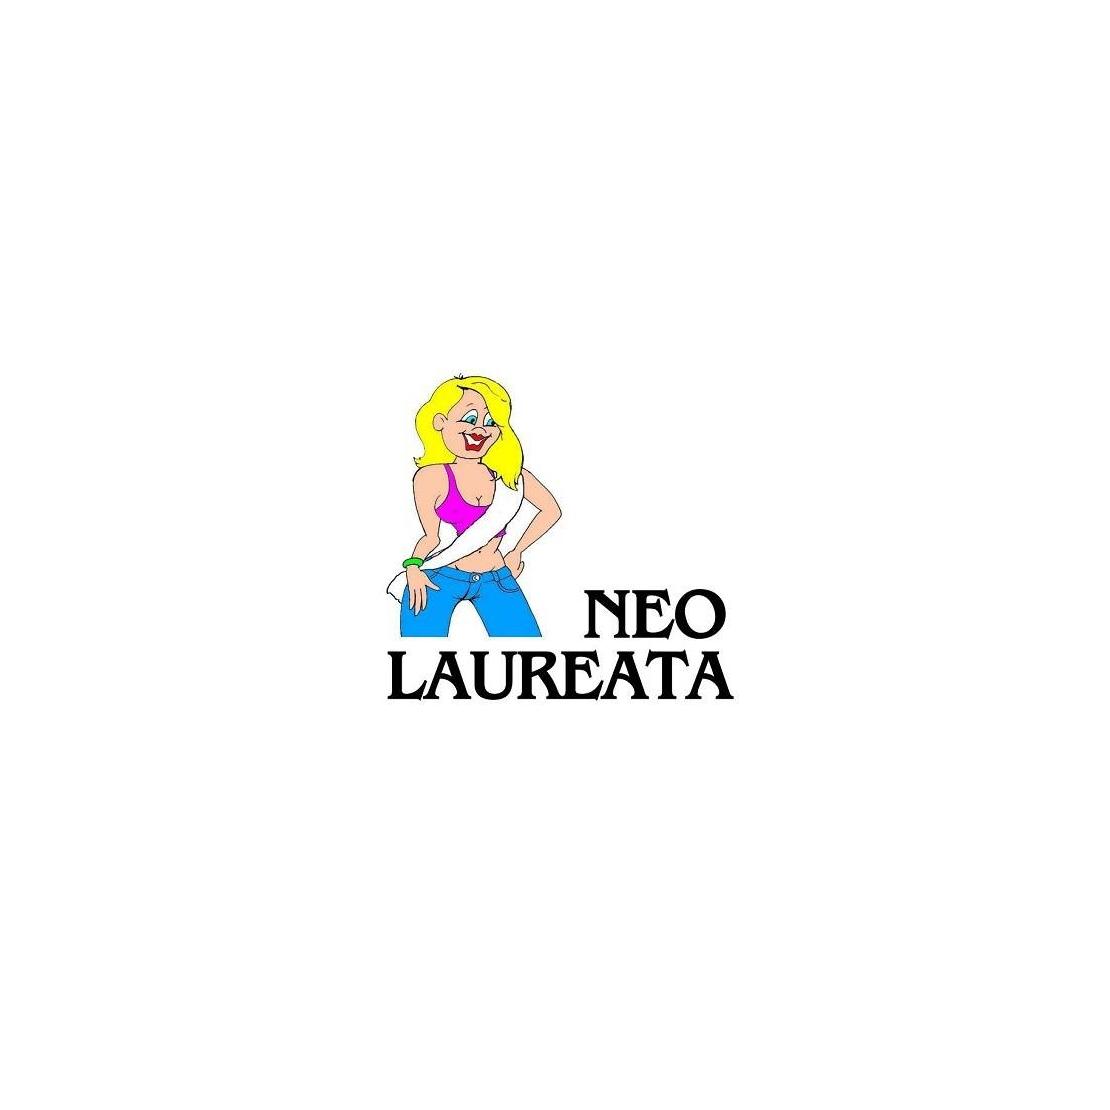 FASCIA NEO LAUREATA